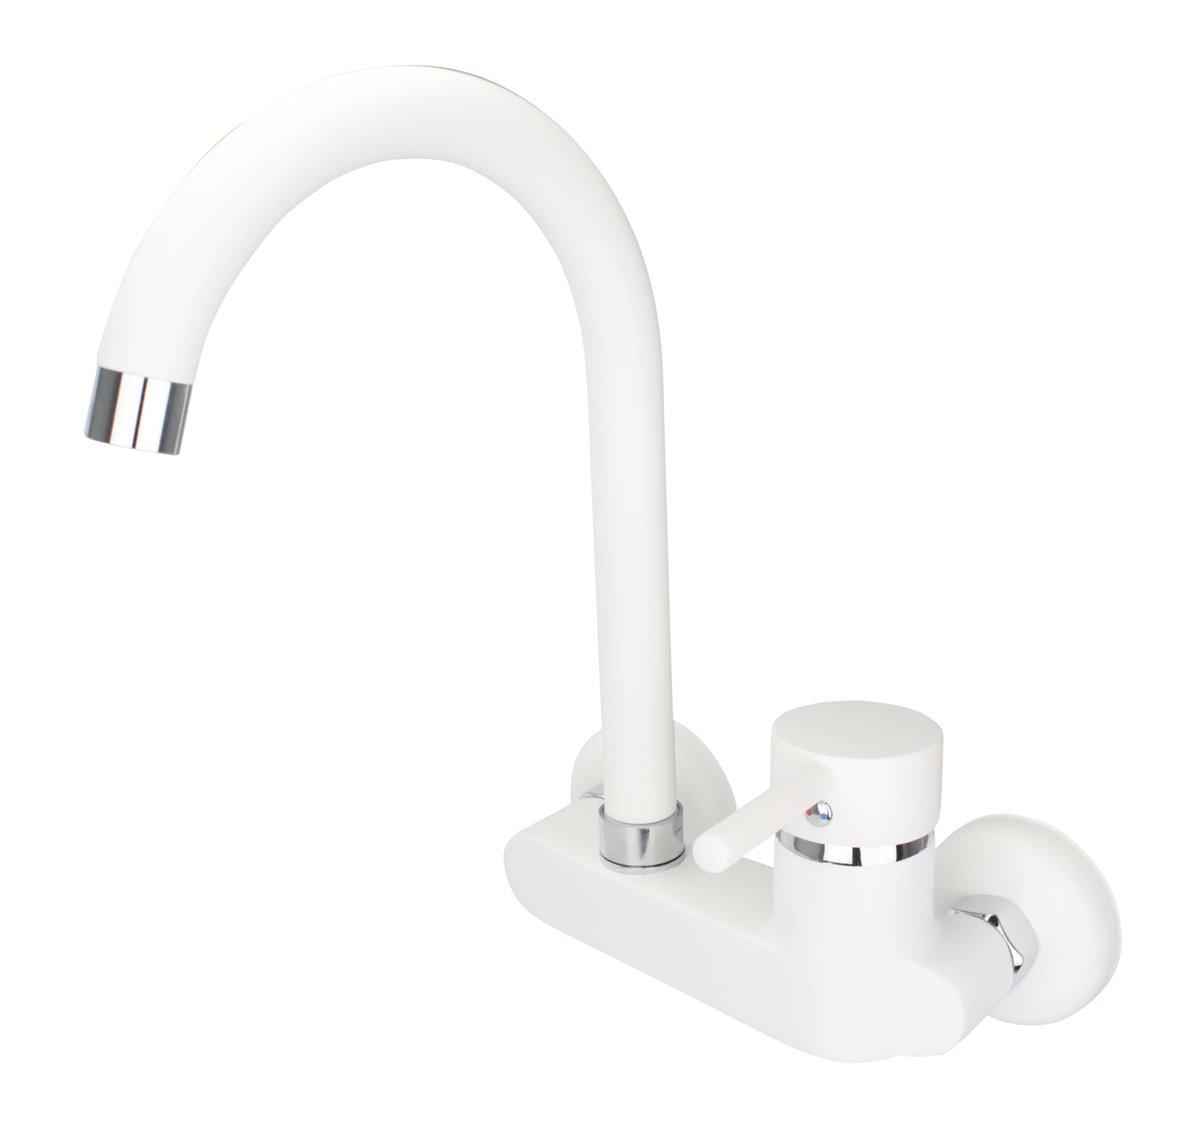 ATCO® RUBY Wandarmatur Küche Spültischarmatur Armatur Wasserhahn Einhebel  weiss